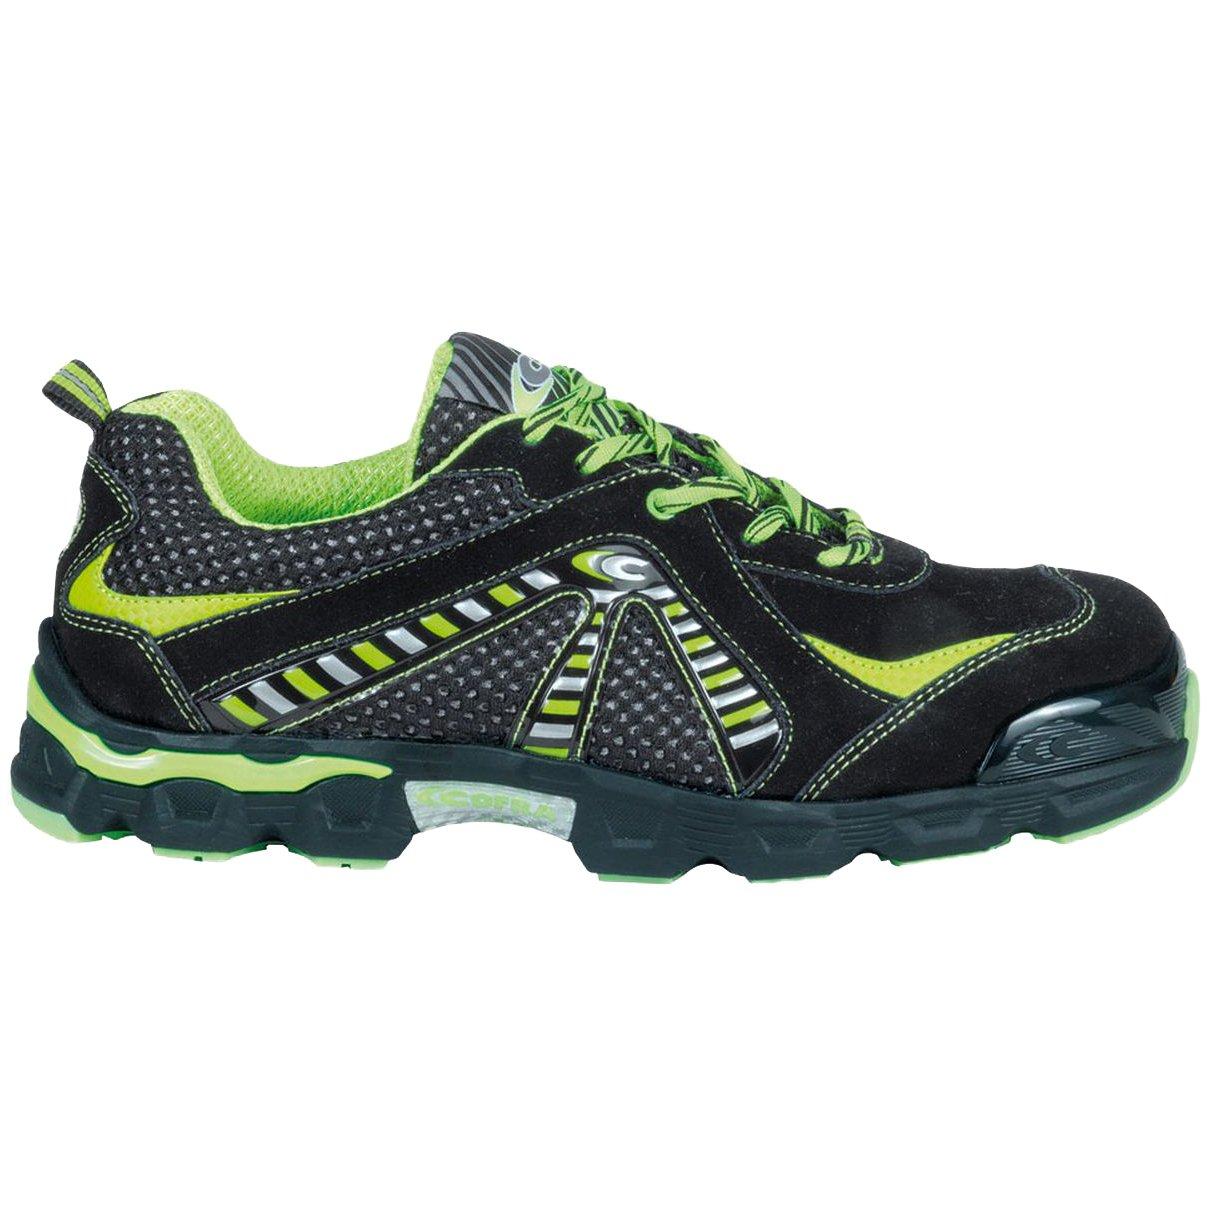 Cofra JE024–000.w43 Größe 43 S1 Fit P SRC Fit S1 Boxe Sicherheit Schuhe – Schwarz - 064691